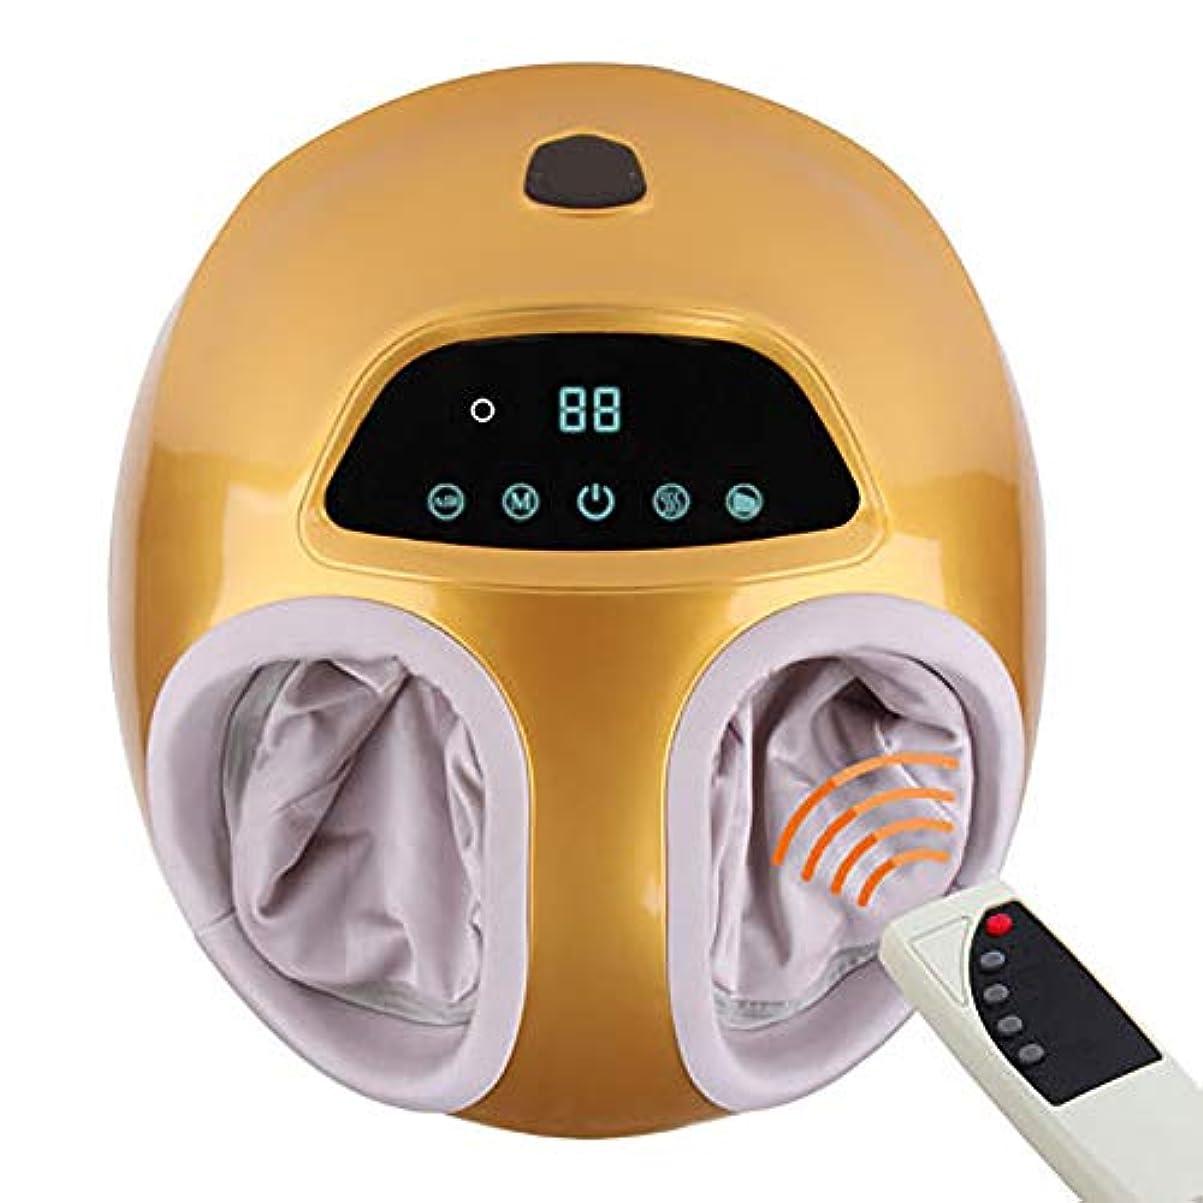 夜の動物園悪行クランプ電気足マッサージ機加熱混練ローリングエアコンプレッサー調節可能な強度家族の健康ギフト